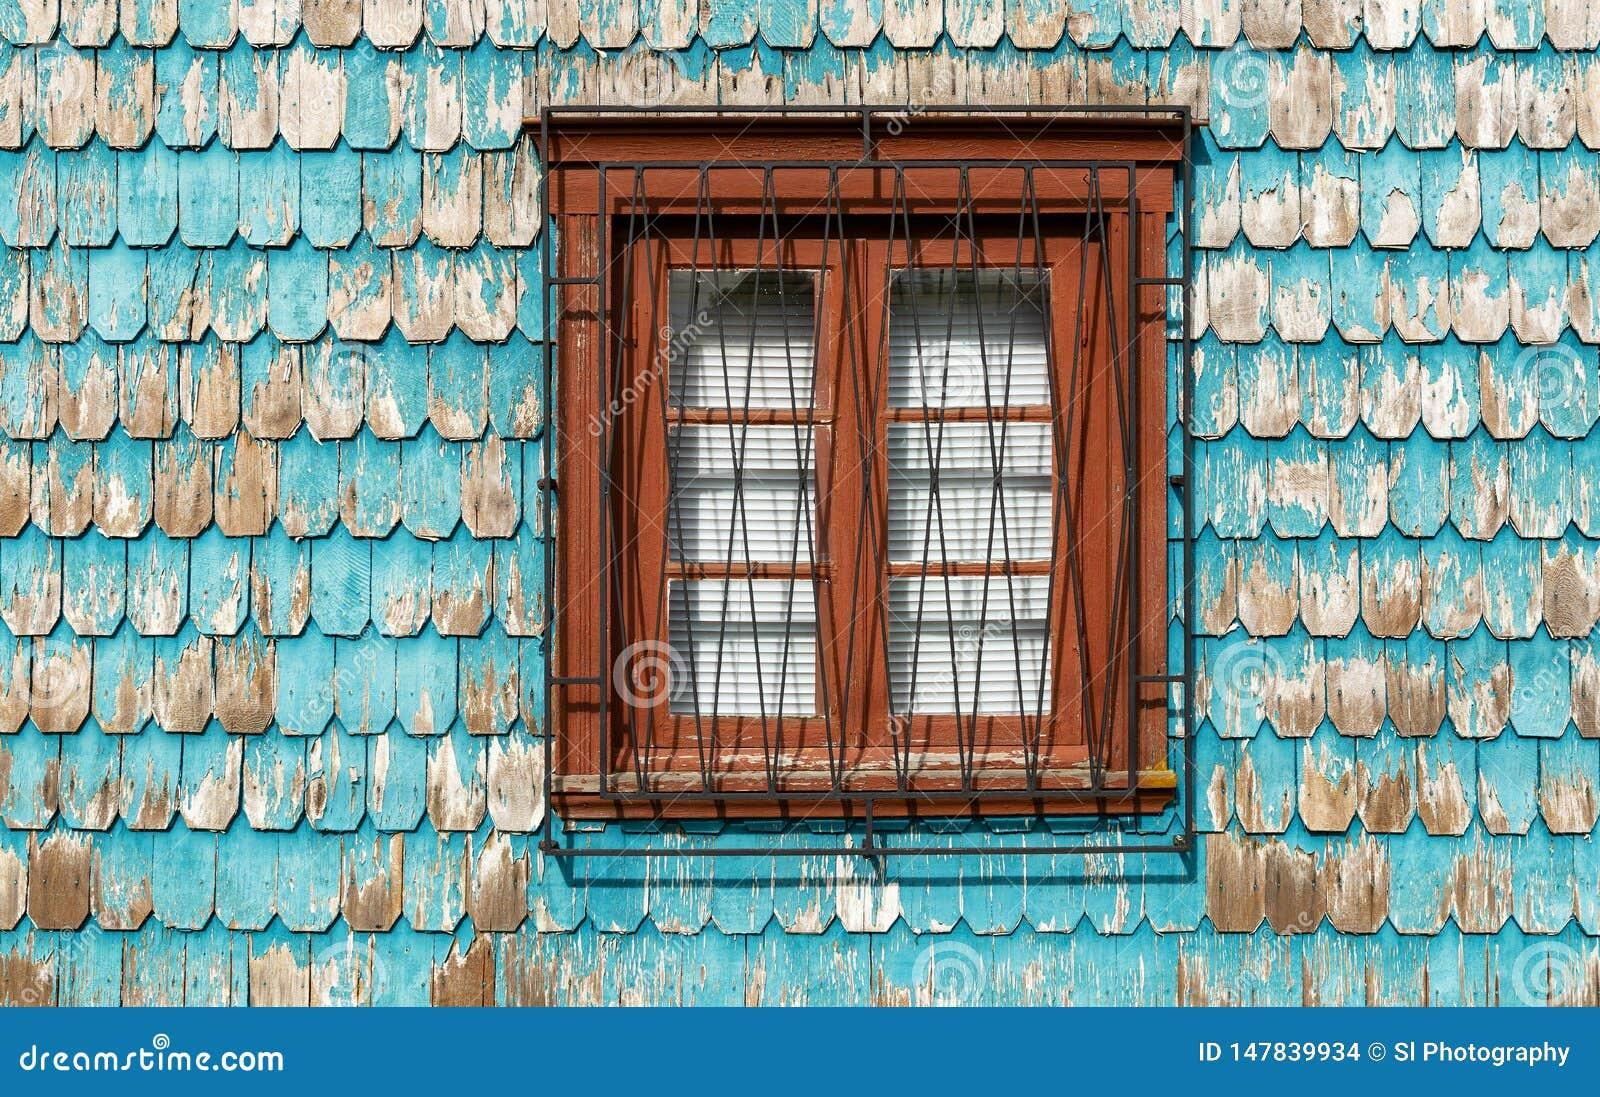 Fenster mit Türkisholz-Täfelungsfassade, Chile